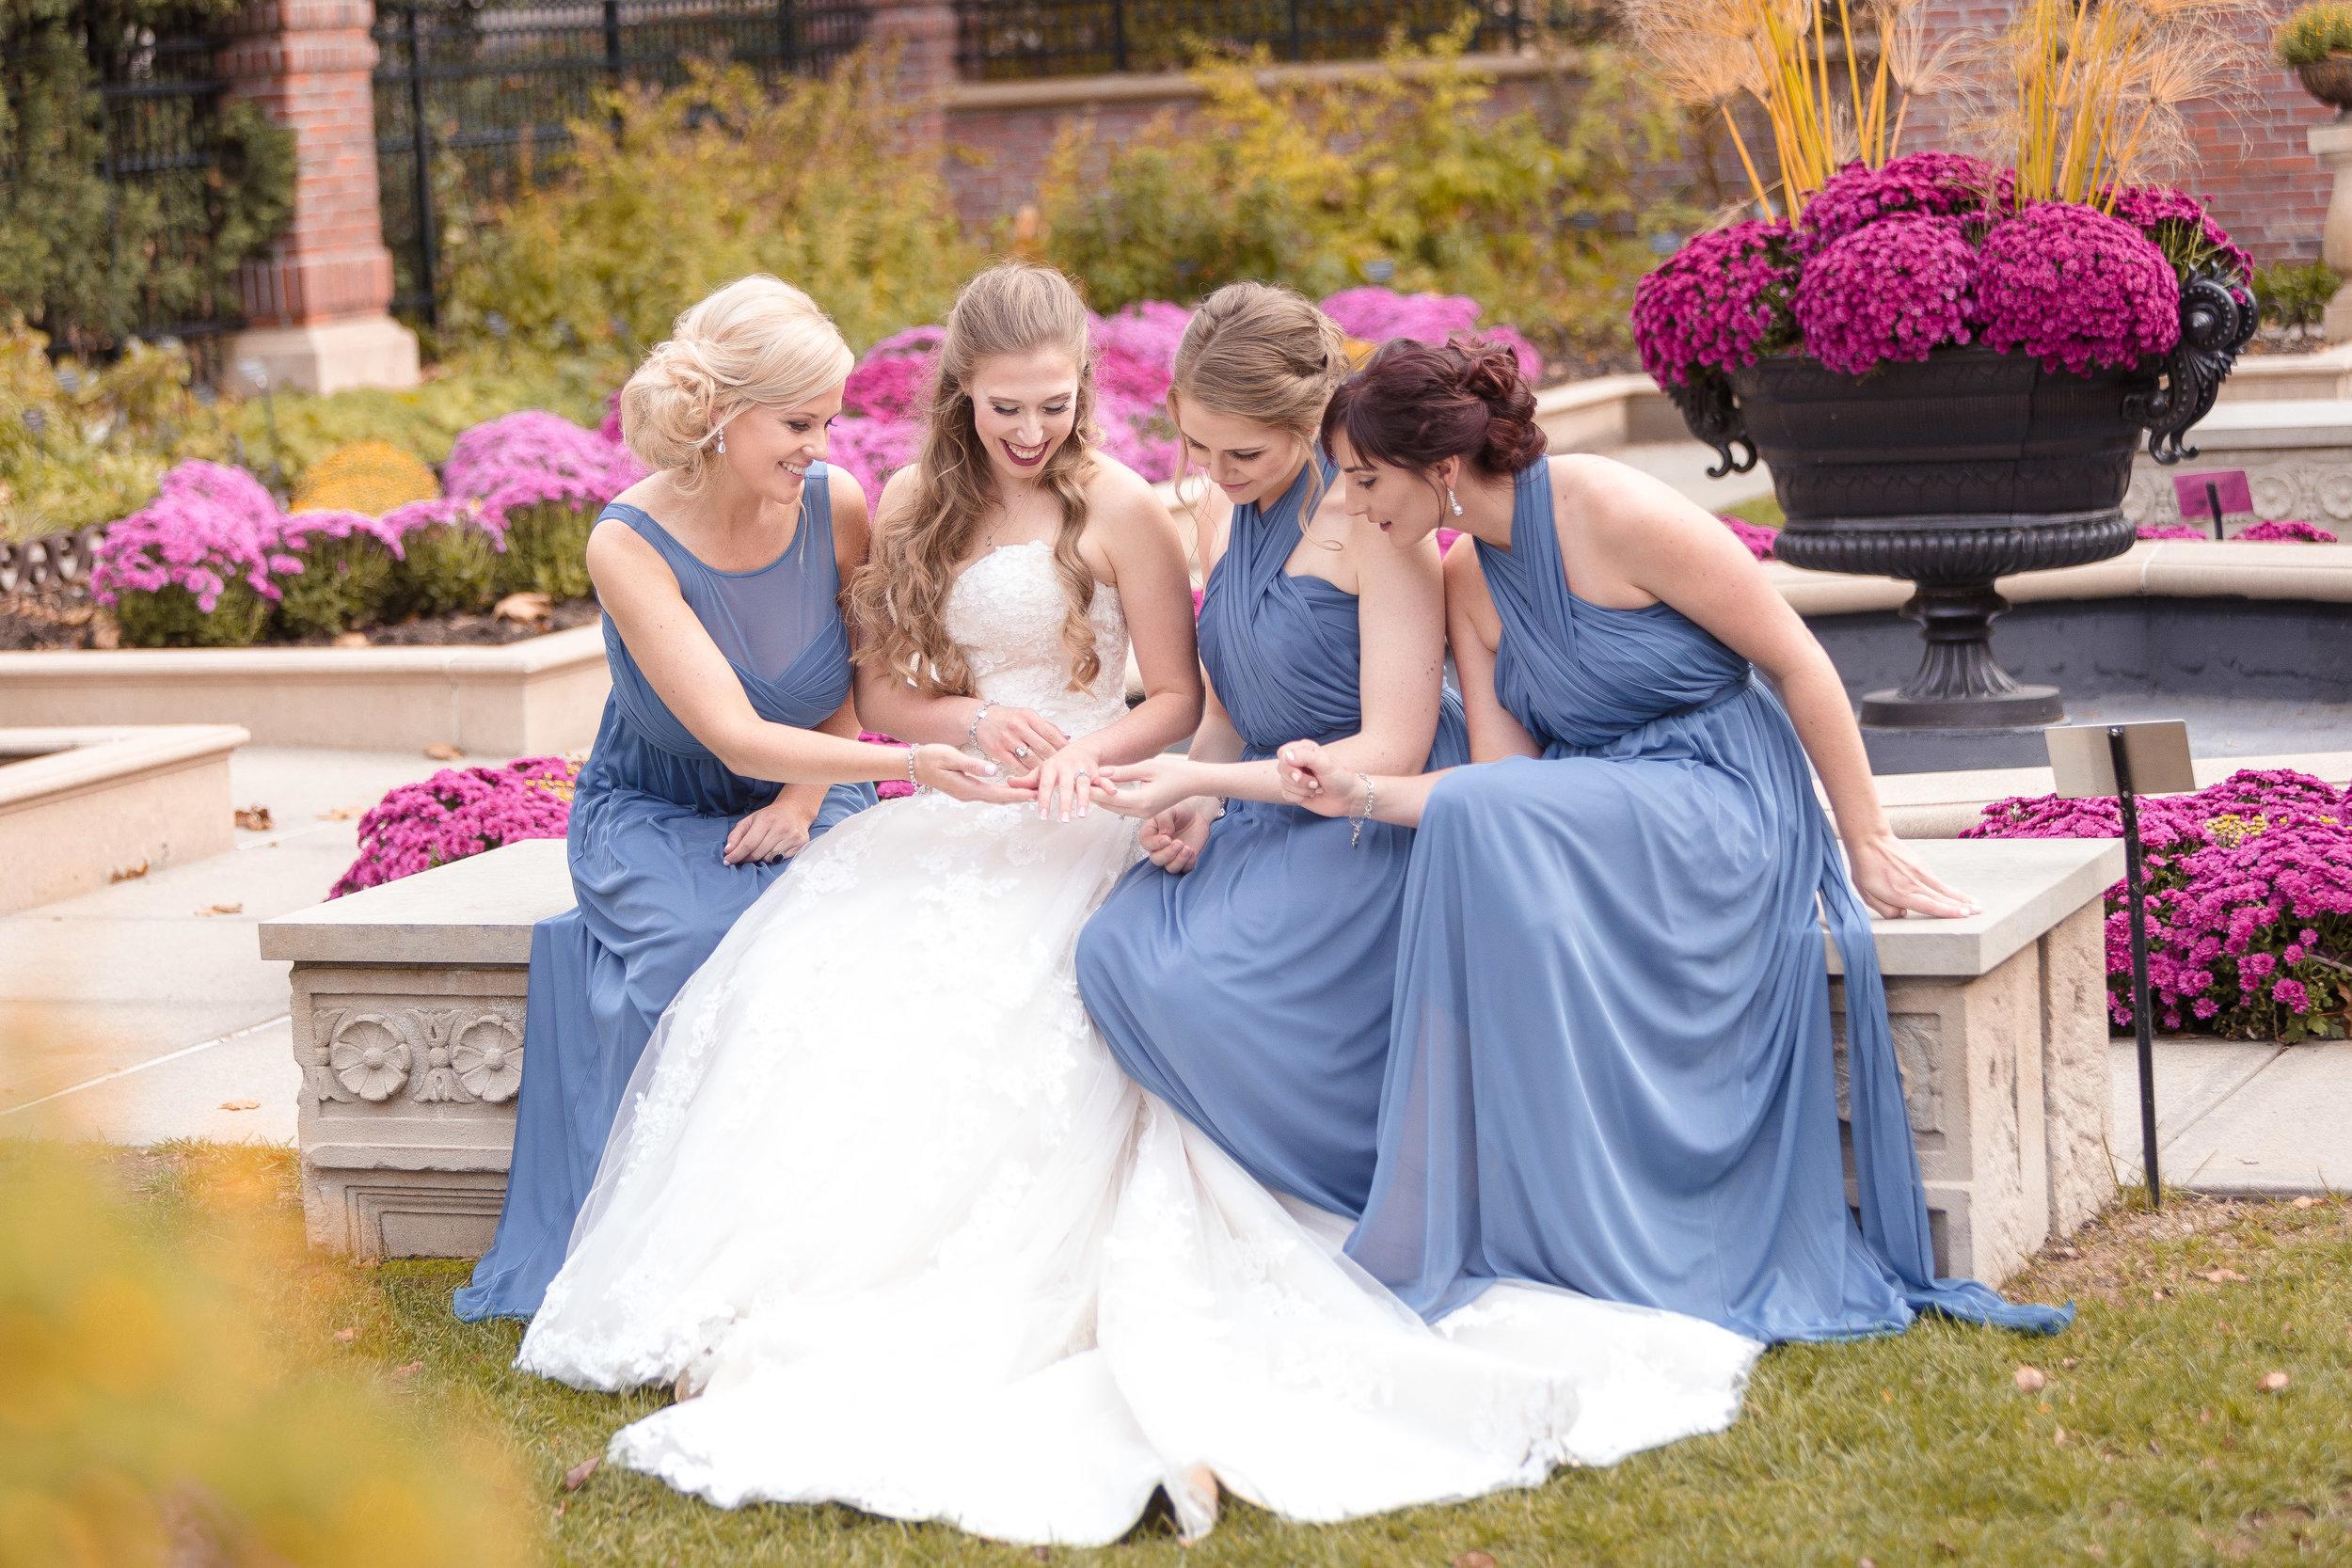 C_Wedding_Spellman, Megan & Tyler_10.27.18-939.JPG